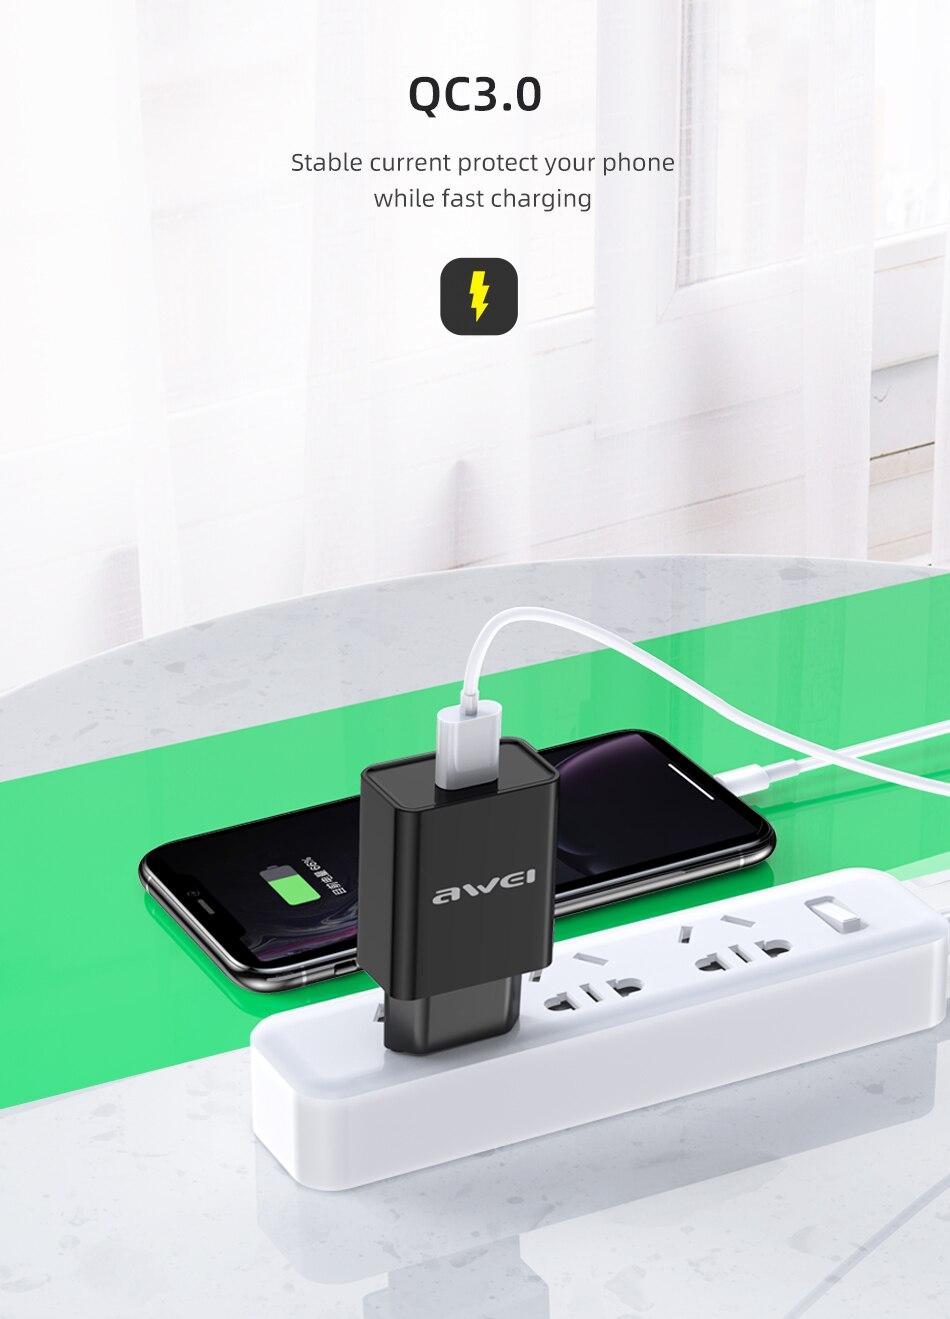 Φορτιστής Universal Awei C-824 Fast Charging Adapter διαφημιστικά 2